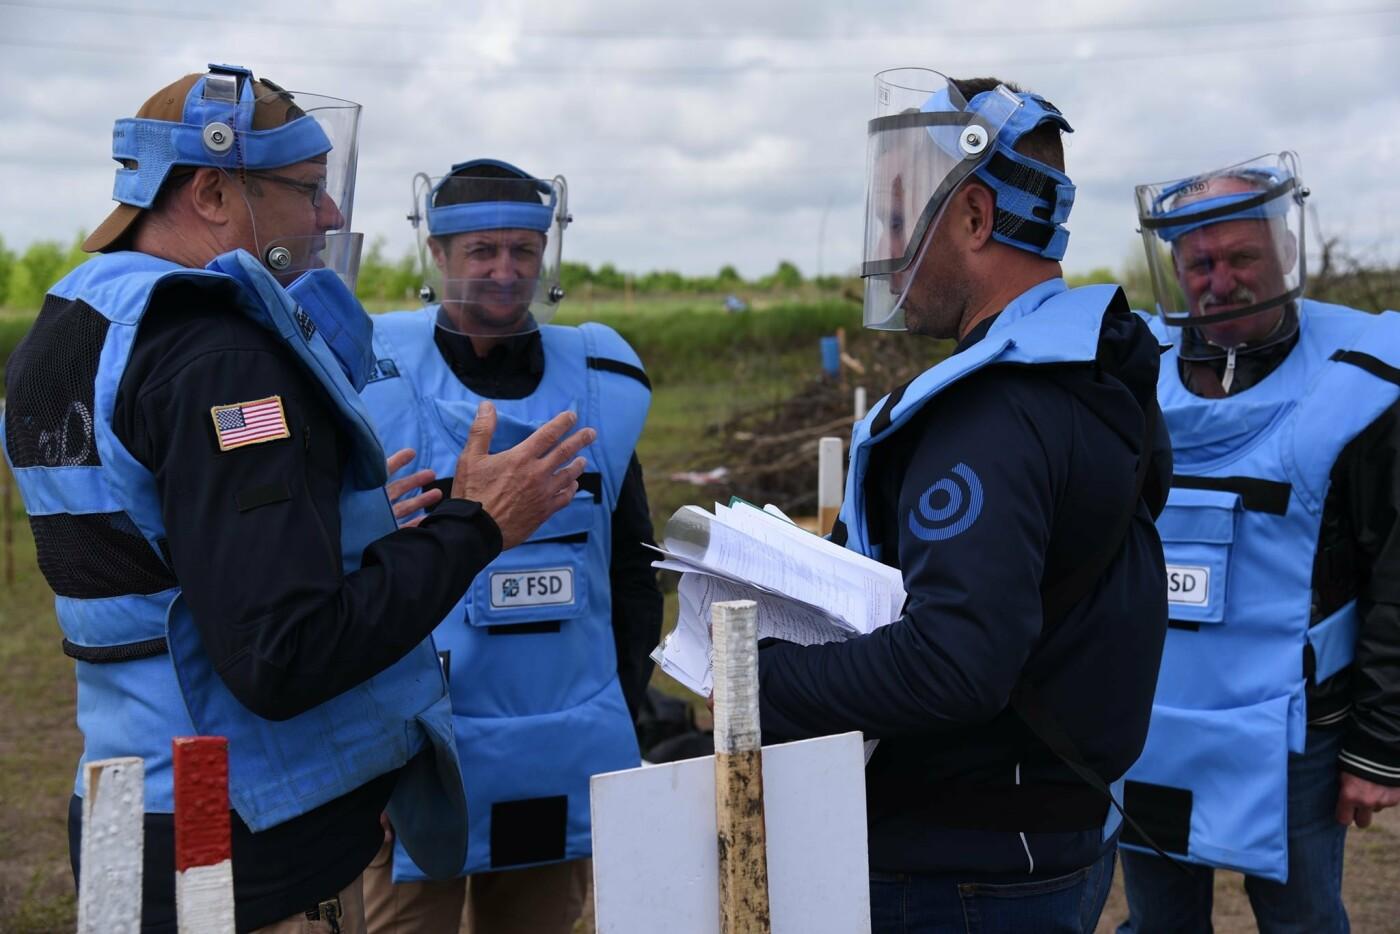 У Кам'янці сертифікували організацію, що займається протимінною діяльністю, фото-6, Фото: пресслужба Військової частини А2641